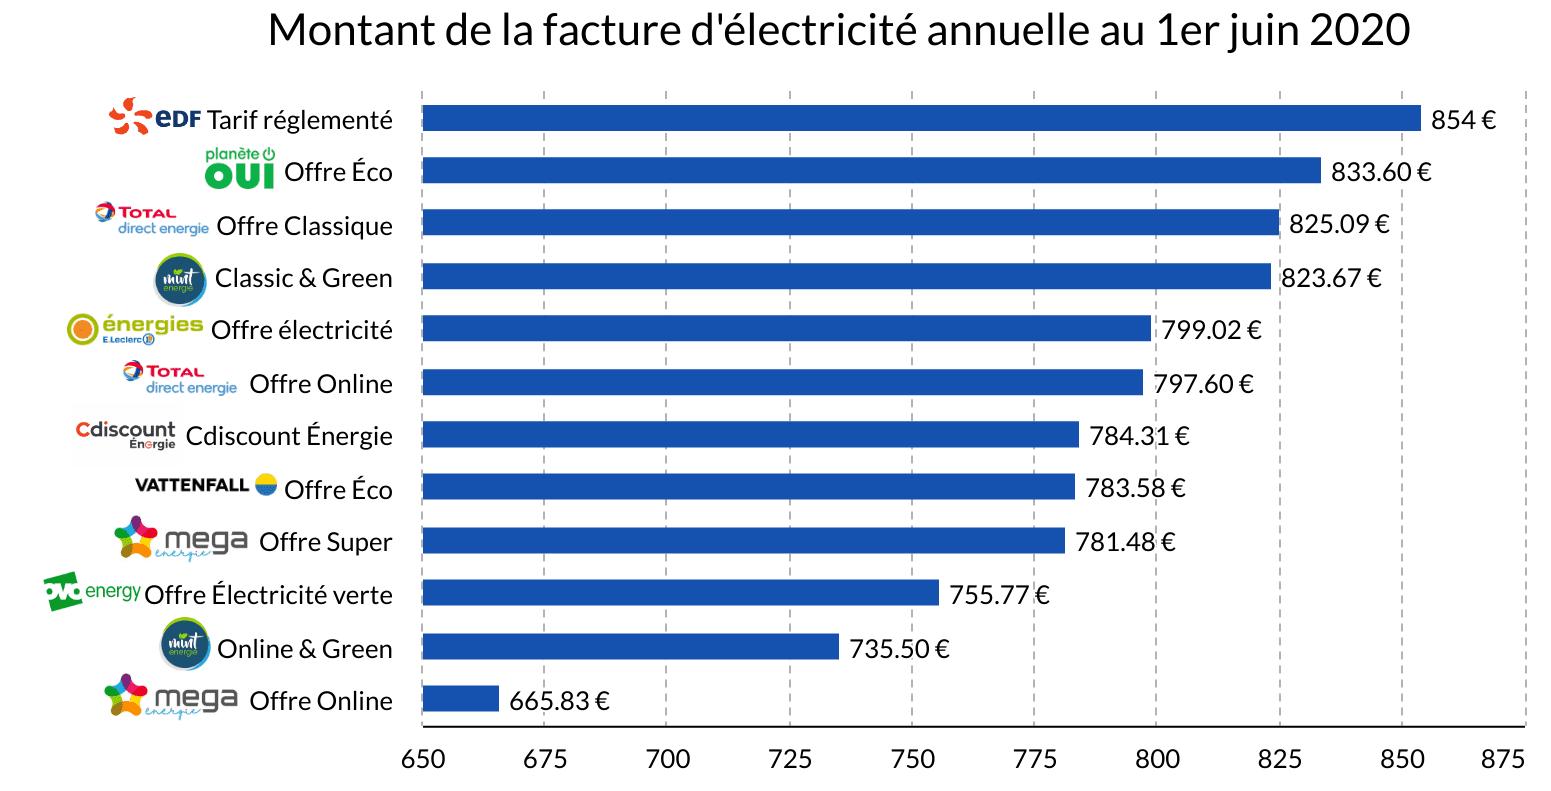 montant facture électricité annuelle juin 2020